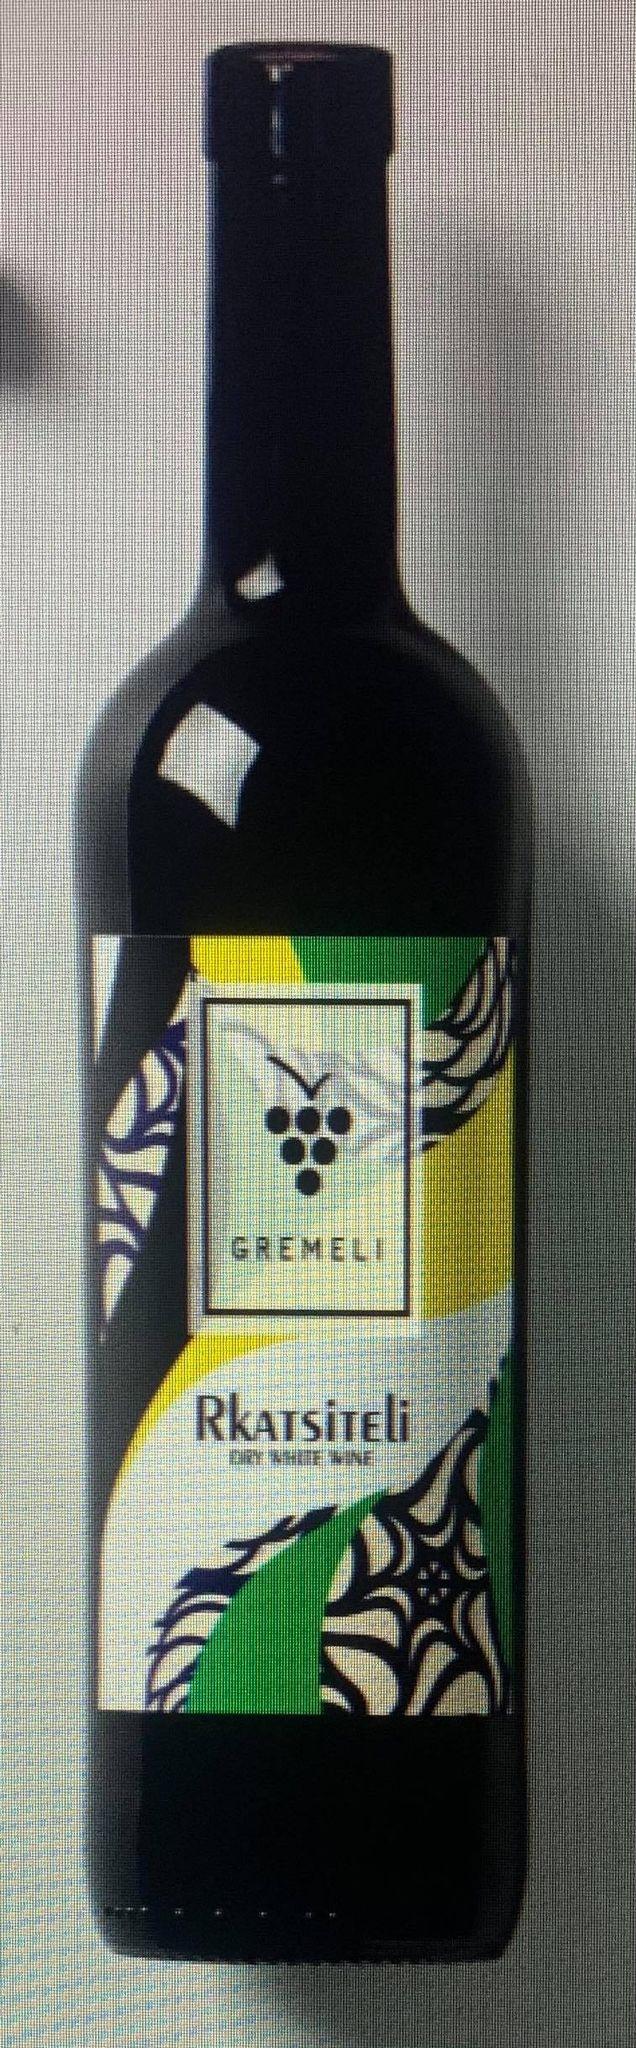 ღვინი რქაწითელი,თეთრი მშრალი (ქვევრის) 0.75მლ  GREMELI